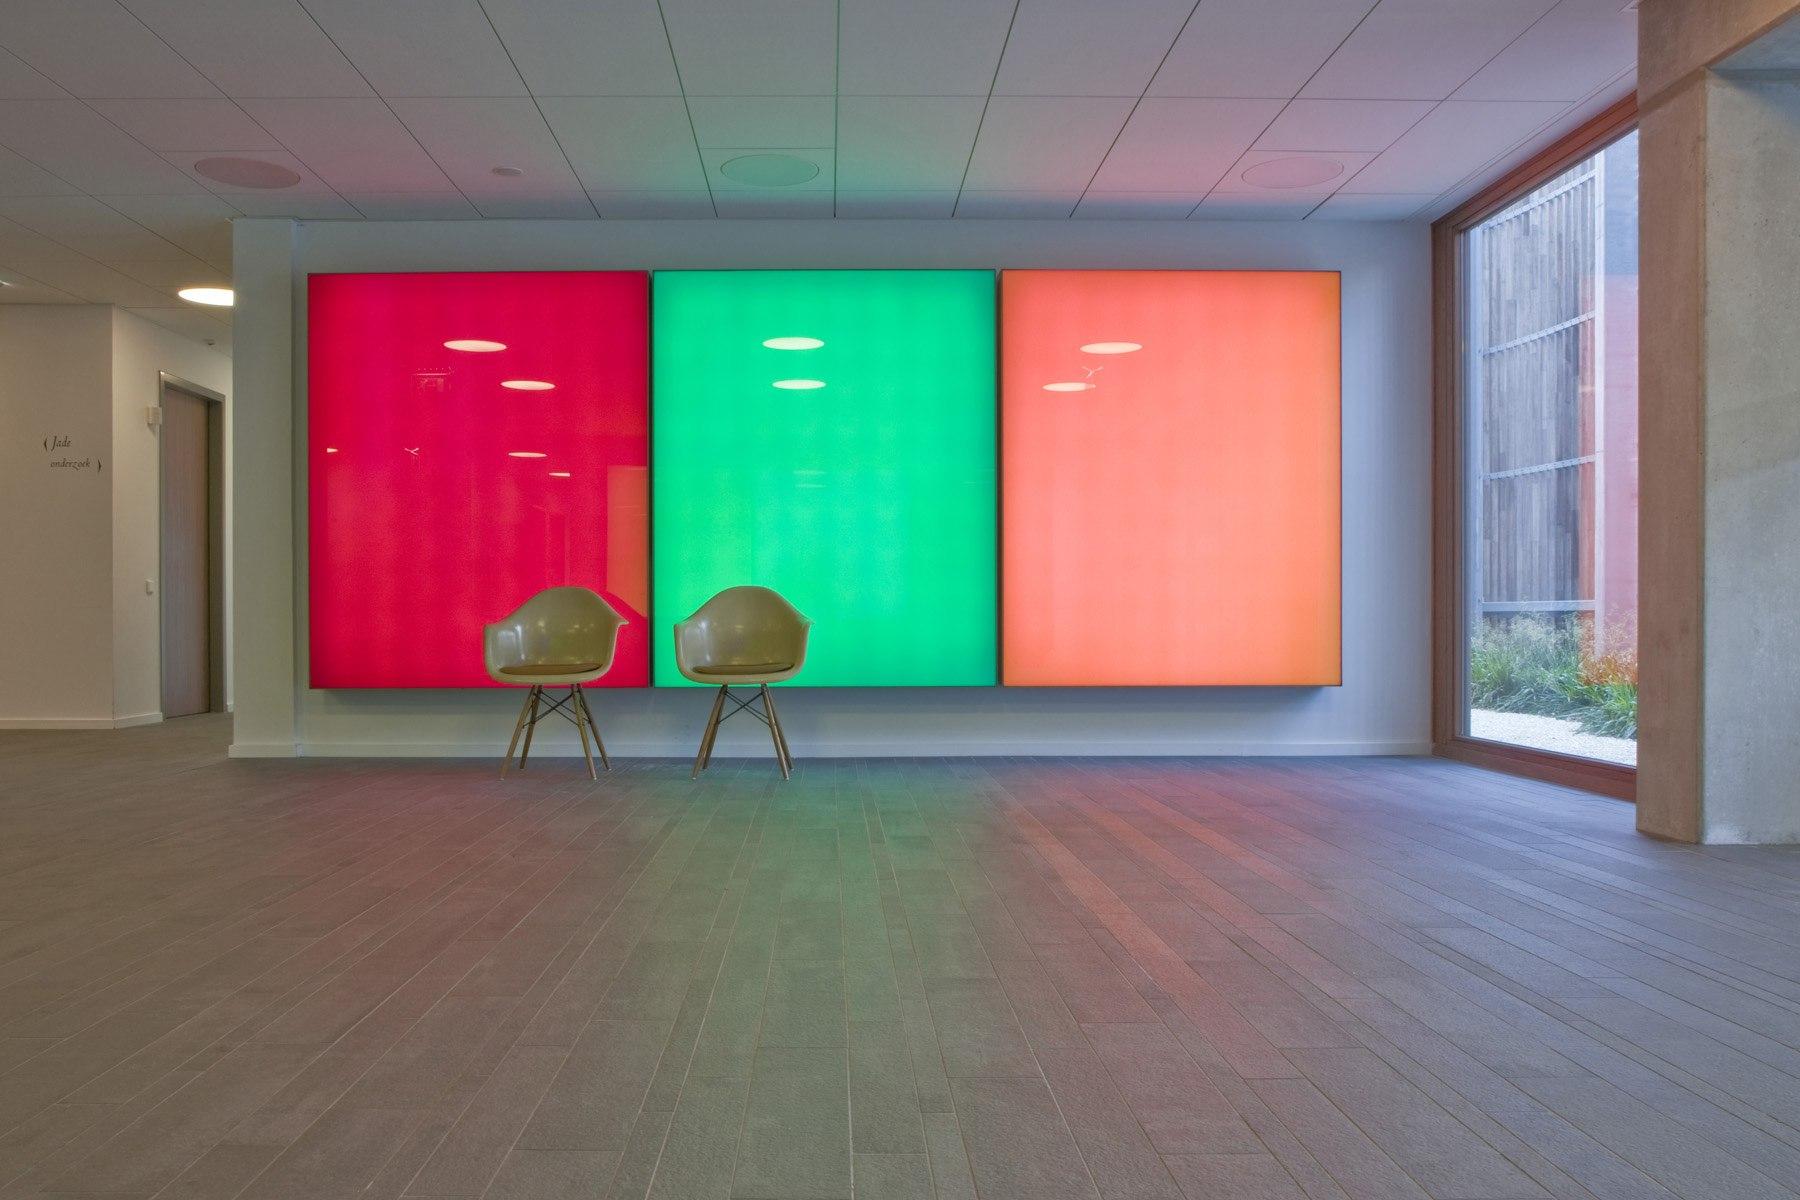 Breda / Instituut Verbeeten / 2011 - Lichtkunst